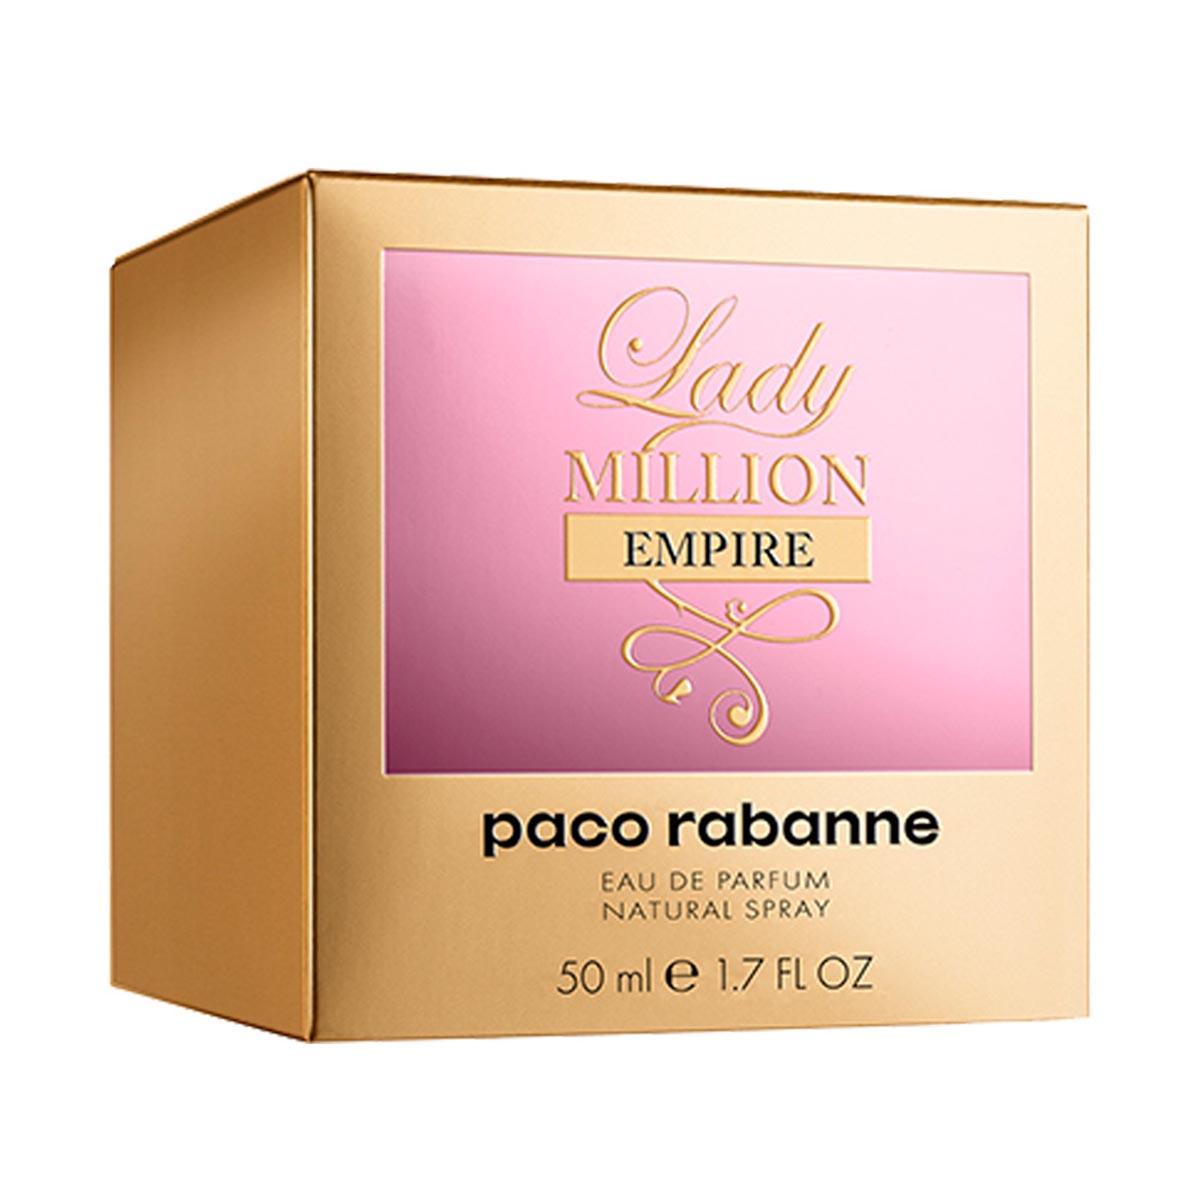 Paco rabanne lady million empire eau de parfum 50ml vaporizador